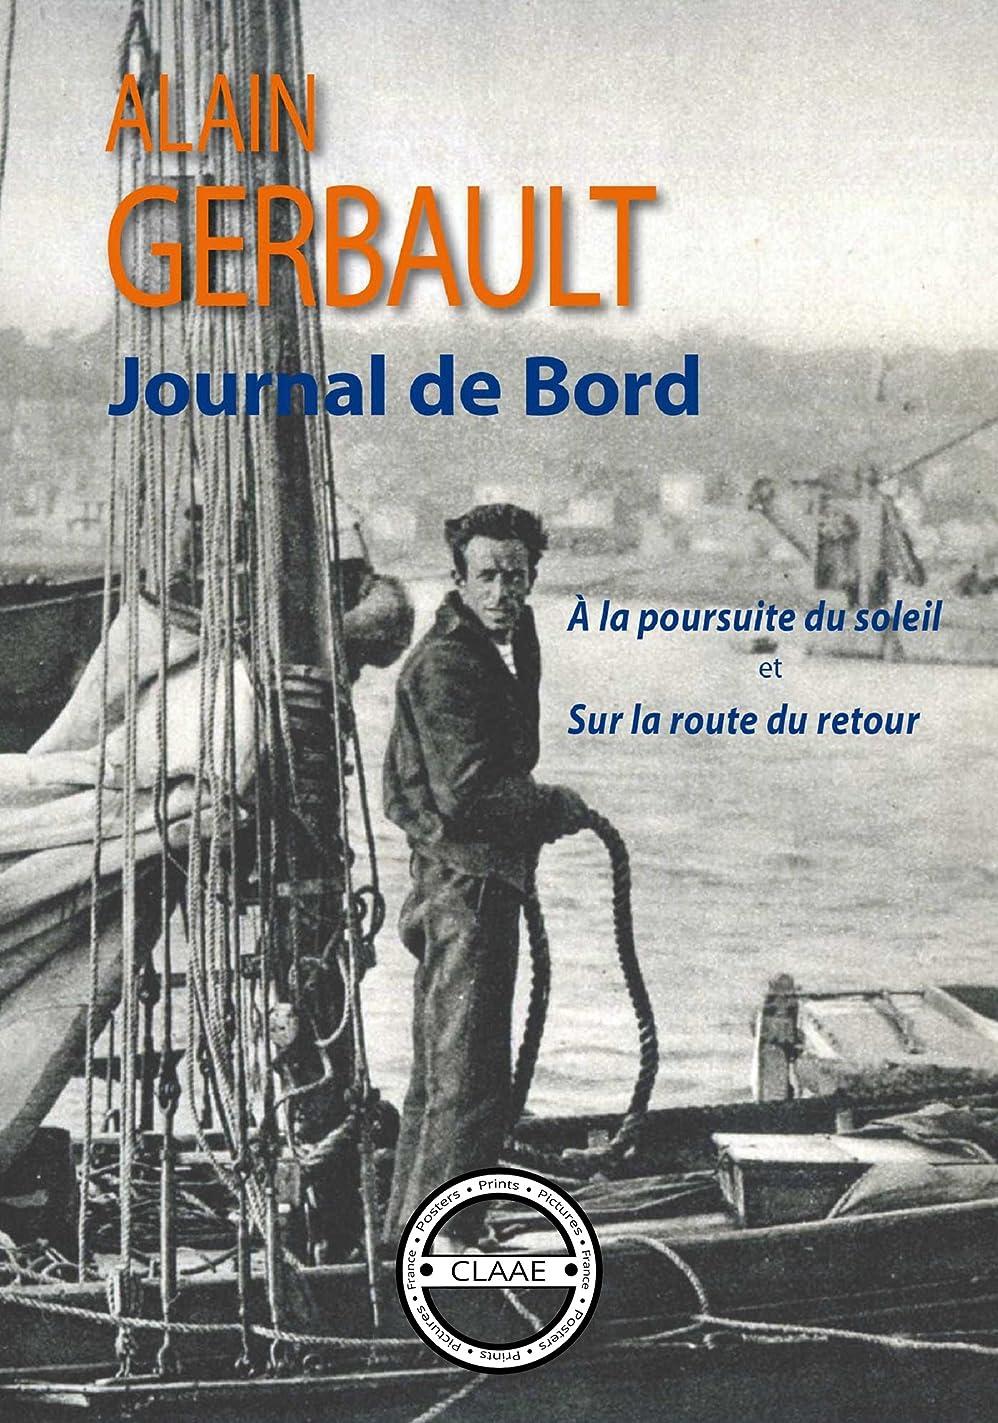 したい軌道岸Journal de bord: A la poursuite du soleil et Sur la route du retour (French Edition)